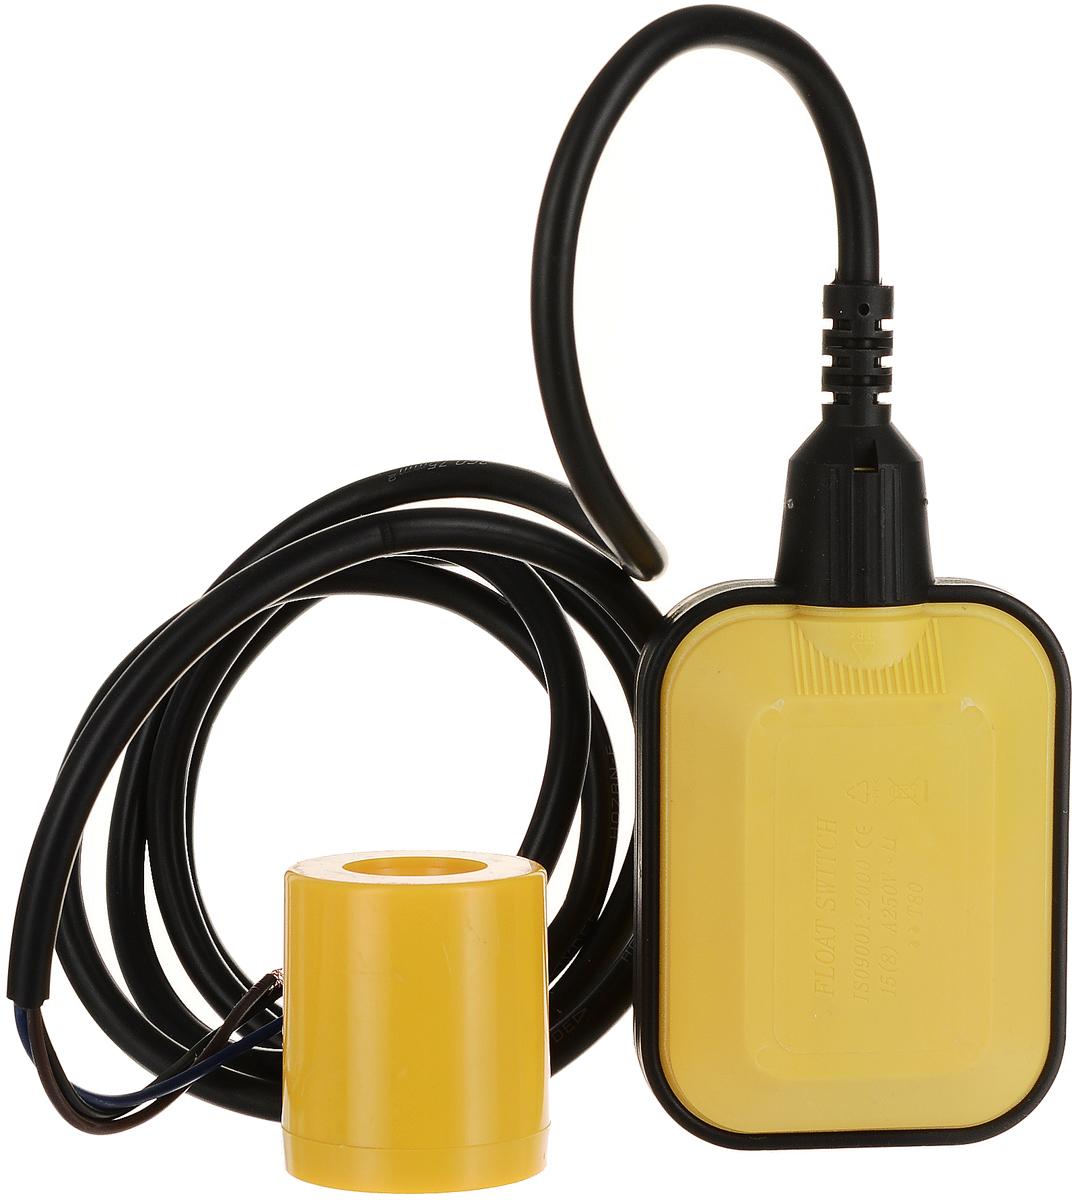 Универсальный поплавковый выключатель WWQ серии FSОсуществляет контроль уровня жидкости в системах водоснабжения или водоотведения (резервуары, колодцы, бассейны, септики и т.п.).Необходим для автоматического управления бытовым электронасосом в качестве датчика уровня воды, для защиты электронасоса от работы в отсутствии перекачиваемой воды (от «сухого хода»), для отключения/включения электронасоса при снижении/повышении уровня перекачиваемой воды до контролируемого значения, для управления работой любых других электроприборов, в зависимости от уровня воды в контролируемом резервуаре